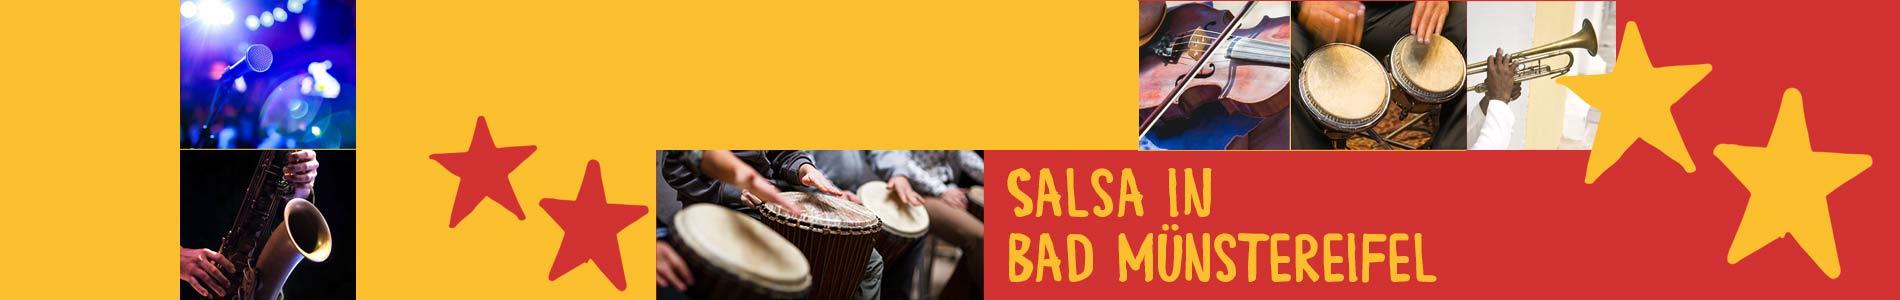 Salsa in Bad Münstereifel – Salsa lernen und tanzen, Tanzkurse, Partys, Veranstaltungen